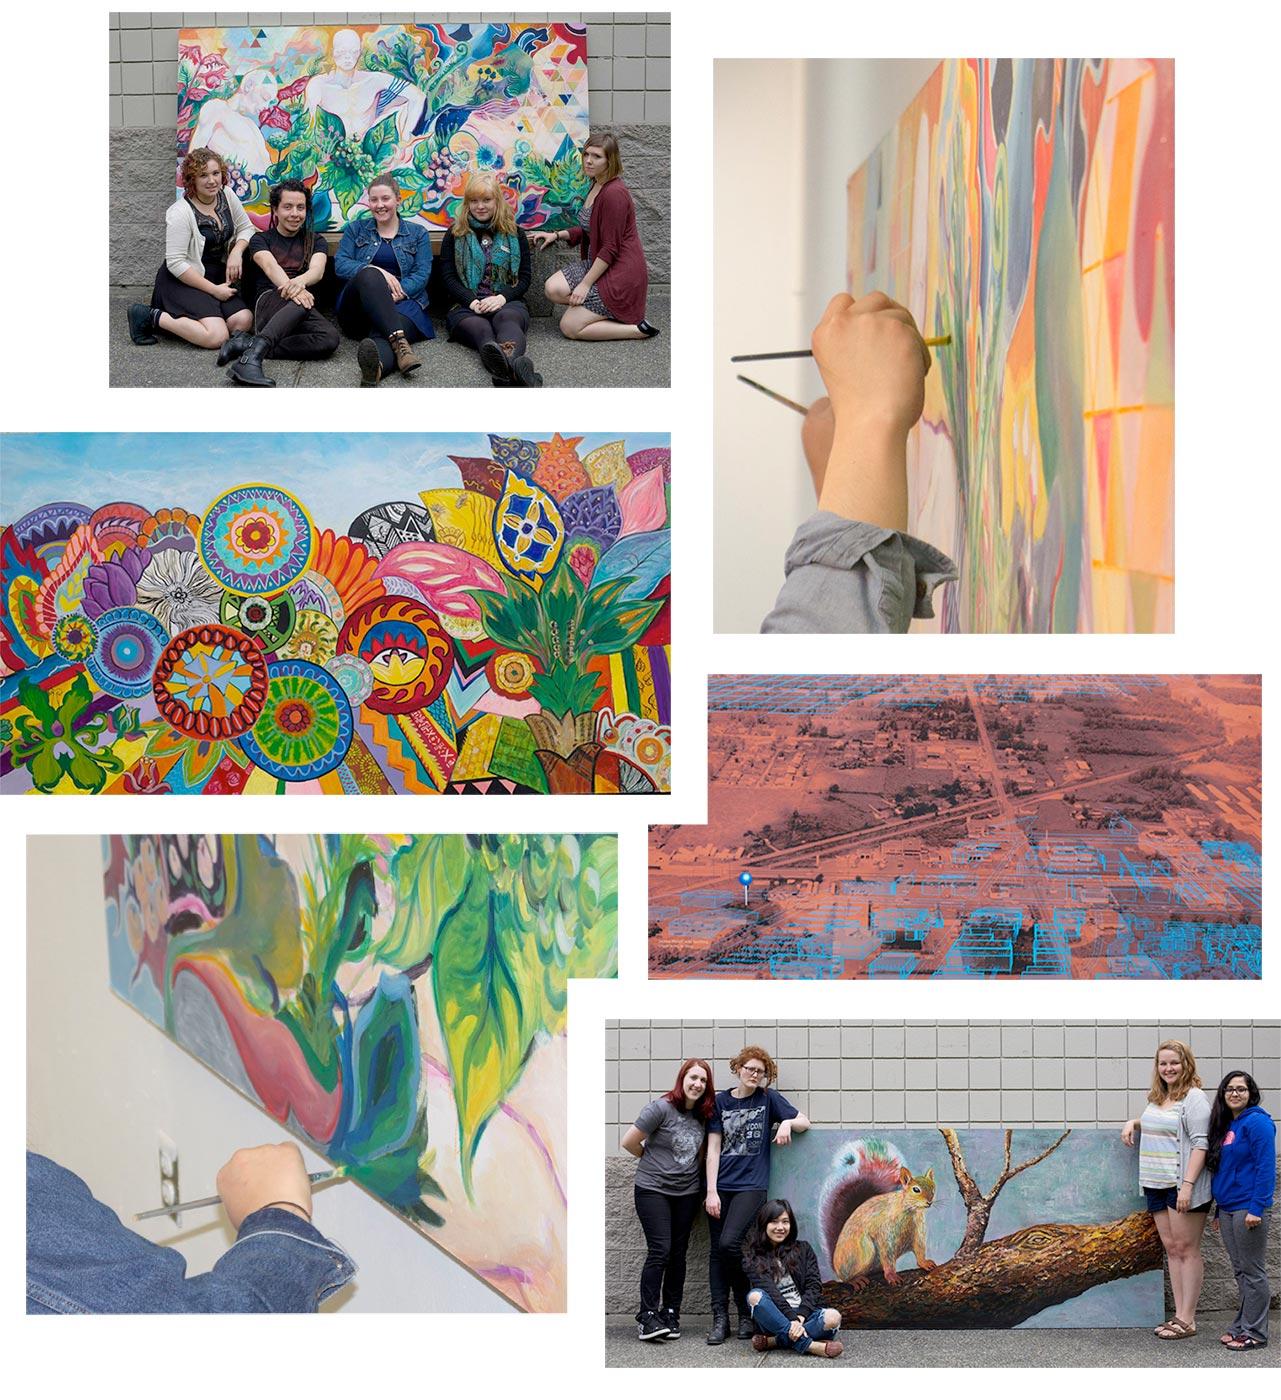 mural-webImage.jpg